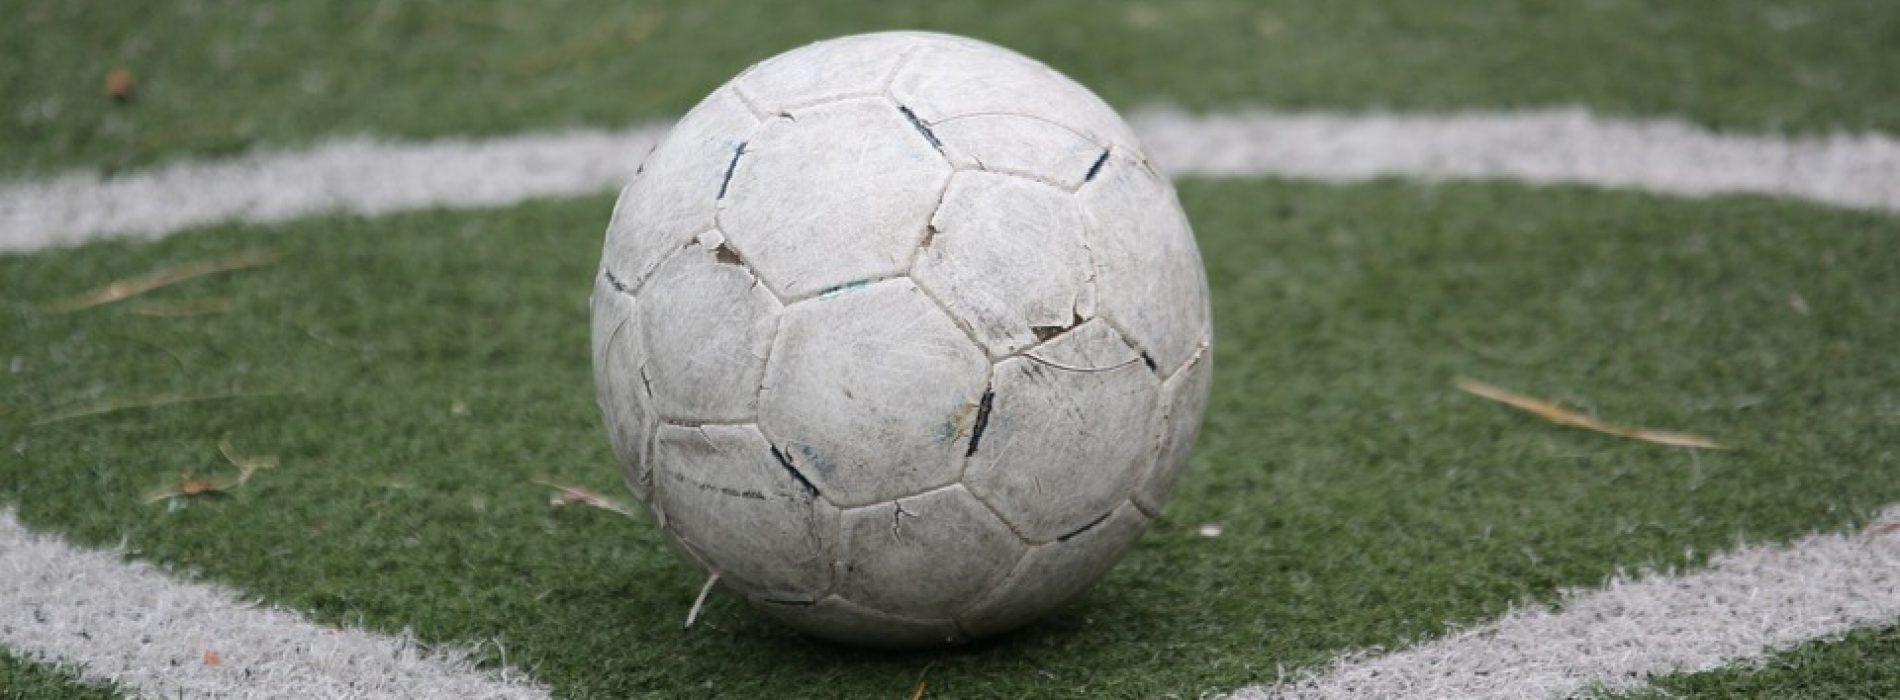 Pronostici Serie A match quote più allettanti per i giocatori